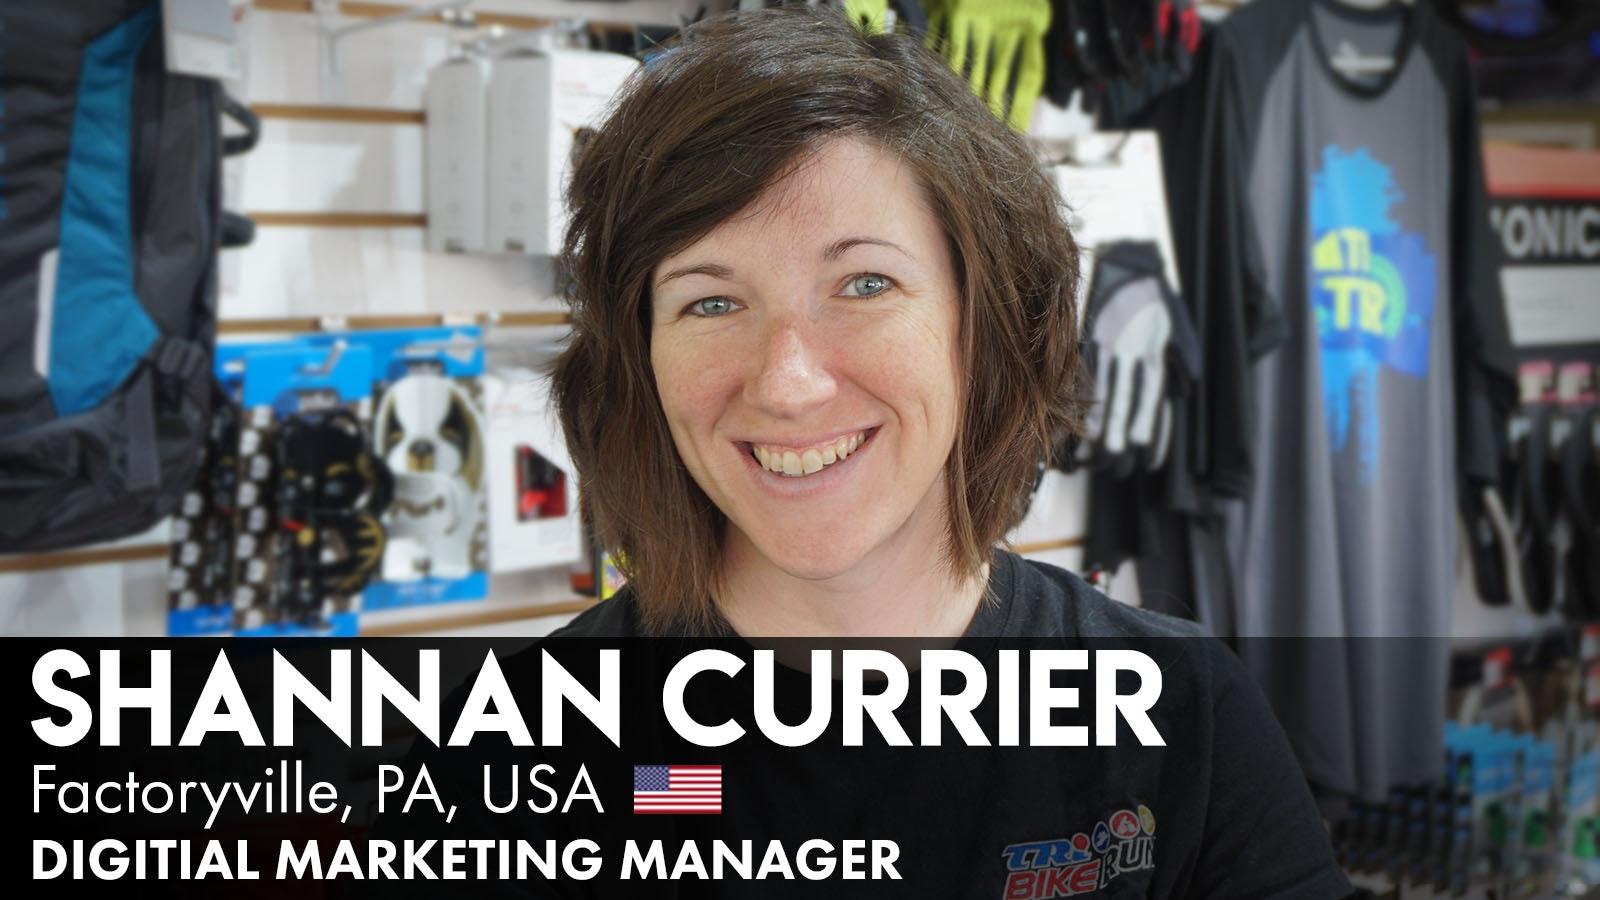 Shannan Currier